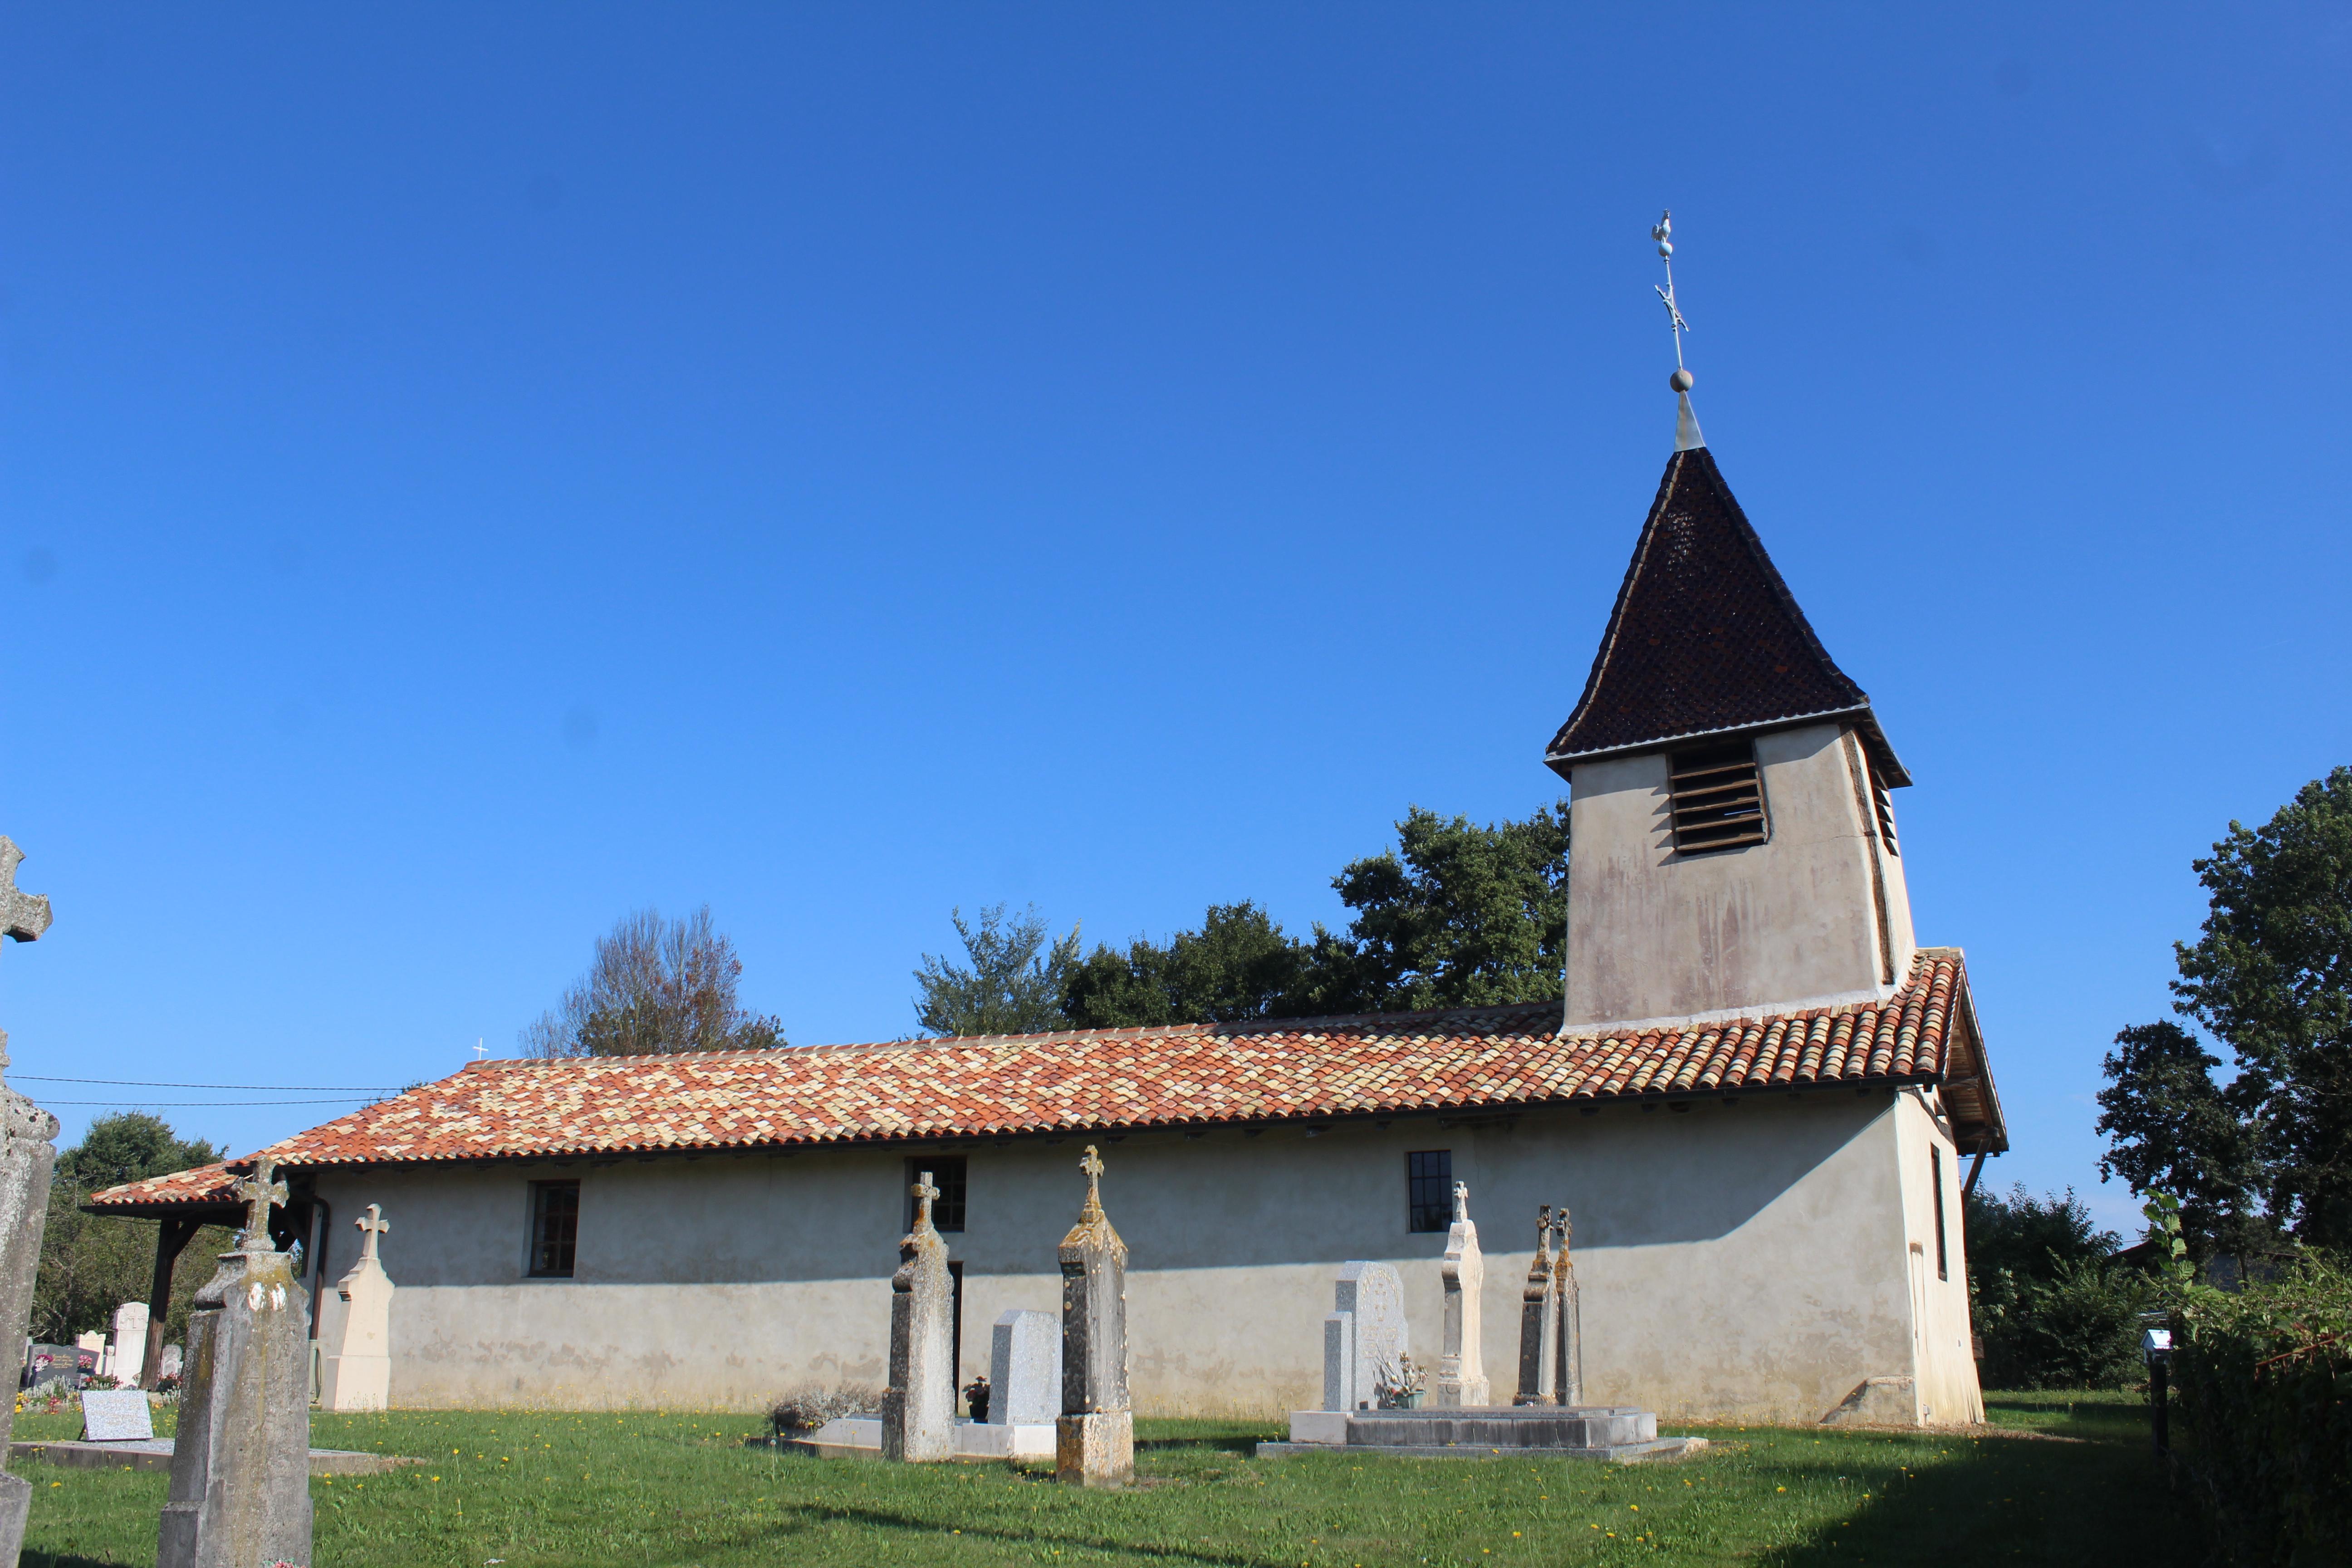 Saint-Sulpice, Ain